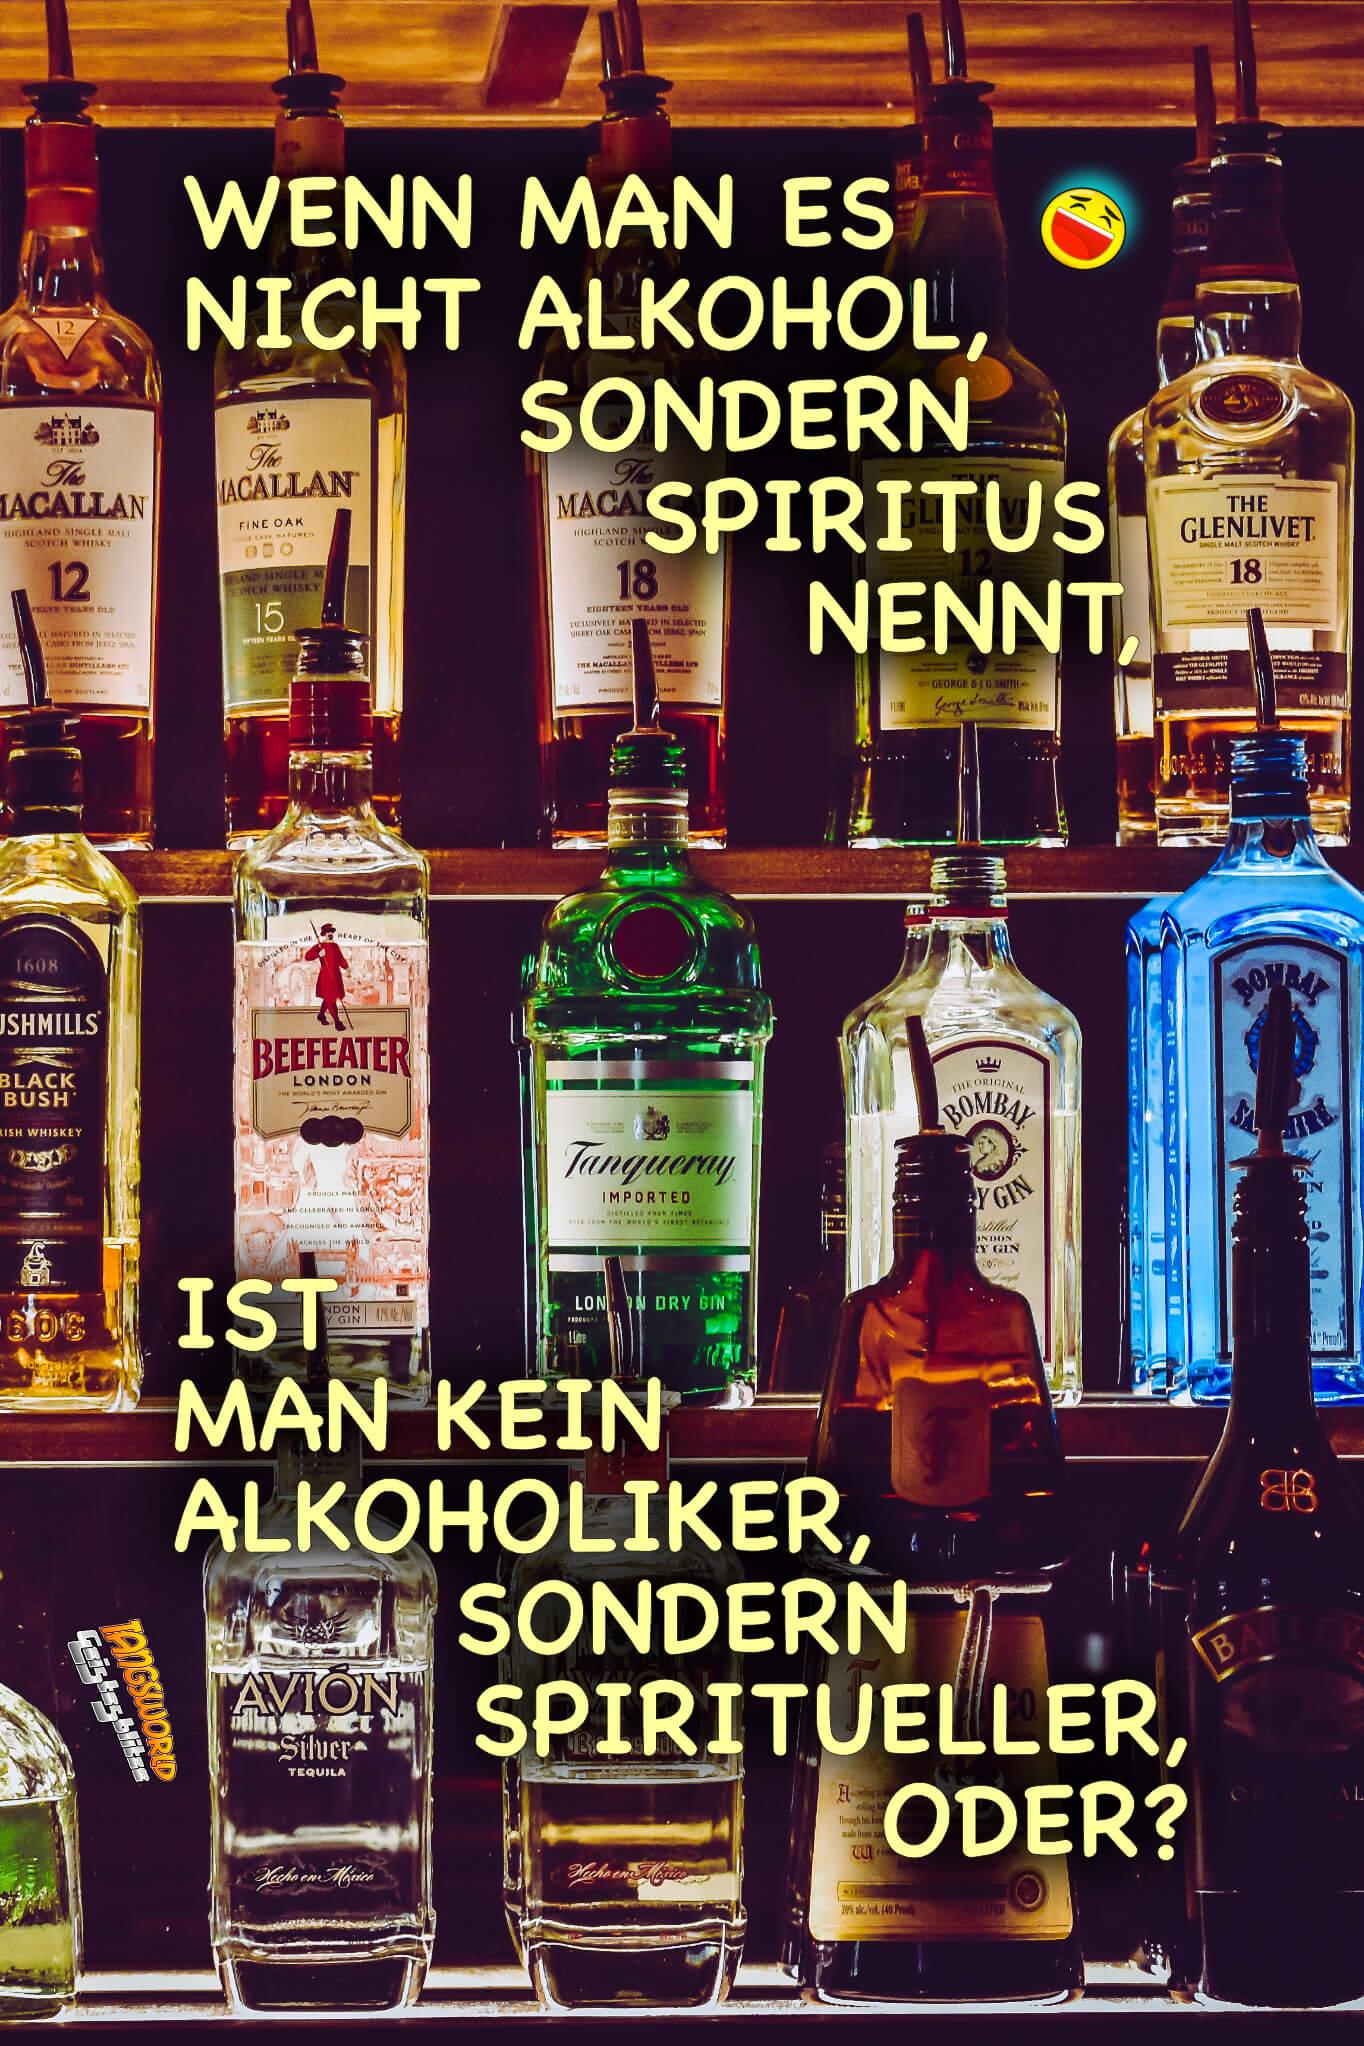 Wenn man es nicht Alkohol, sondern Spiritus nennt, ist man kein Akoholiker, sondern Spiritueller, oder? - Geistes(bl)witze